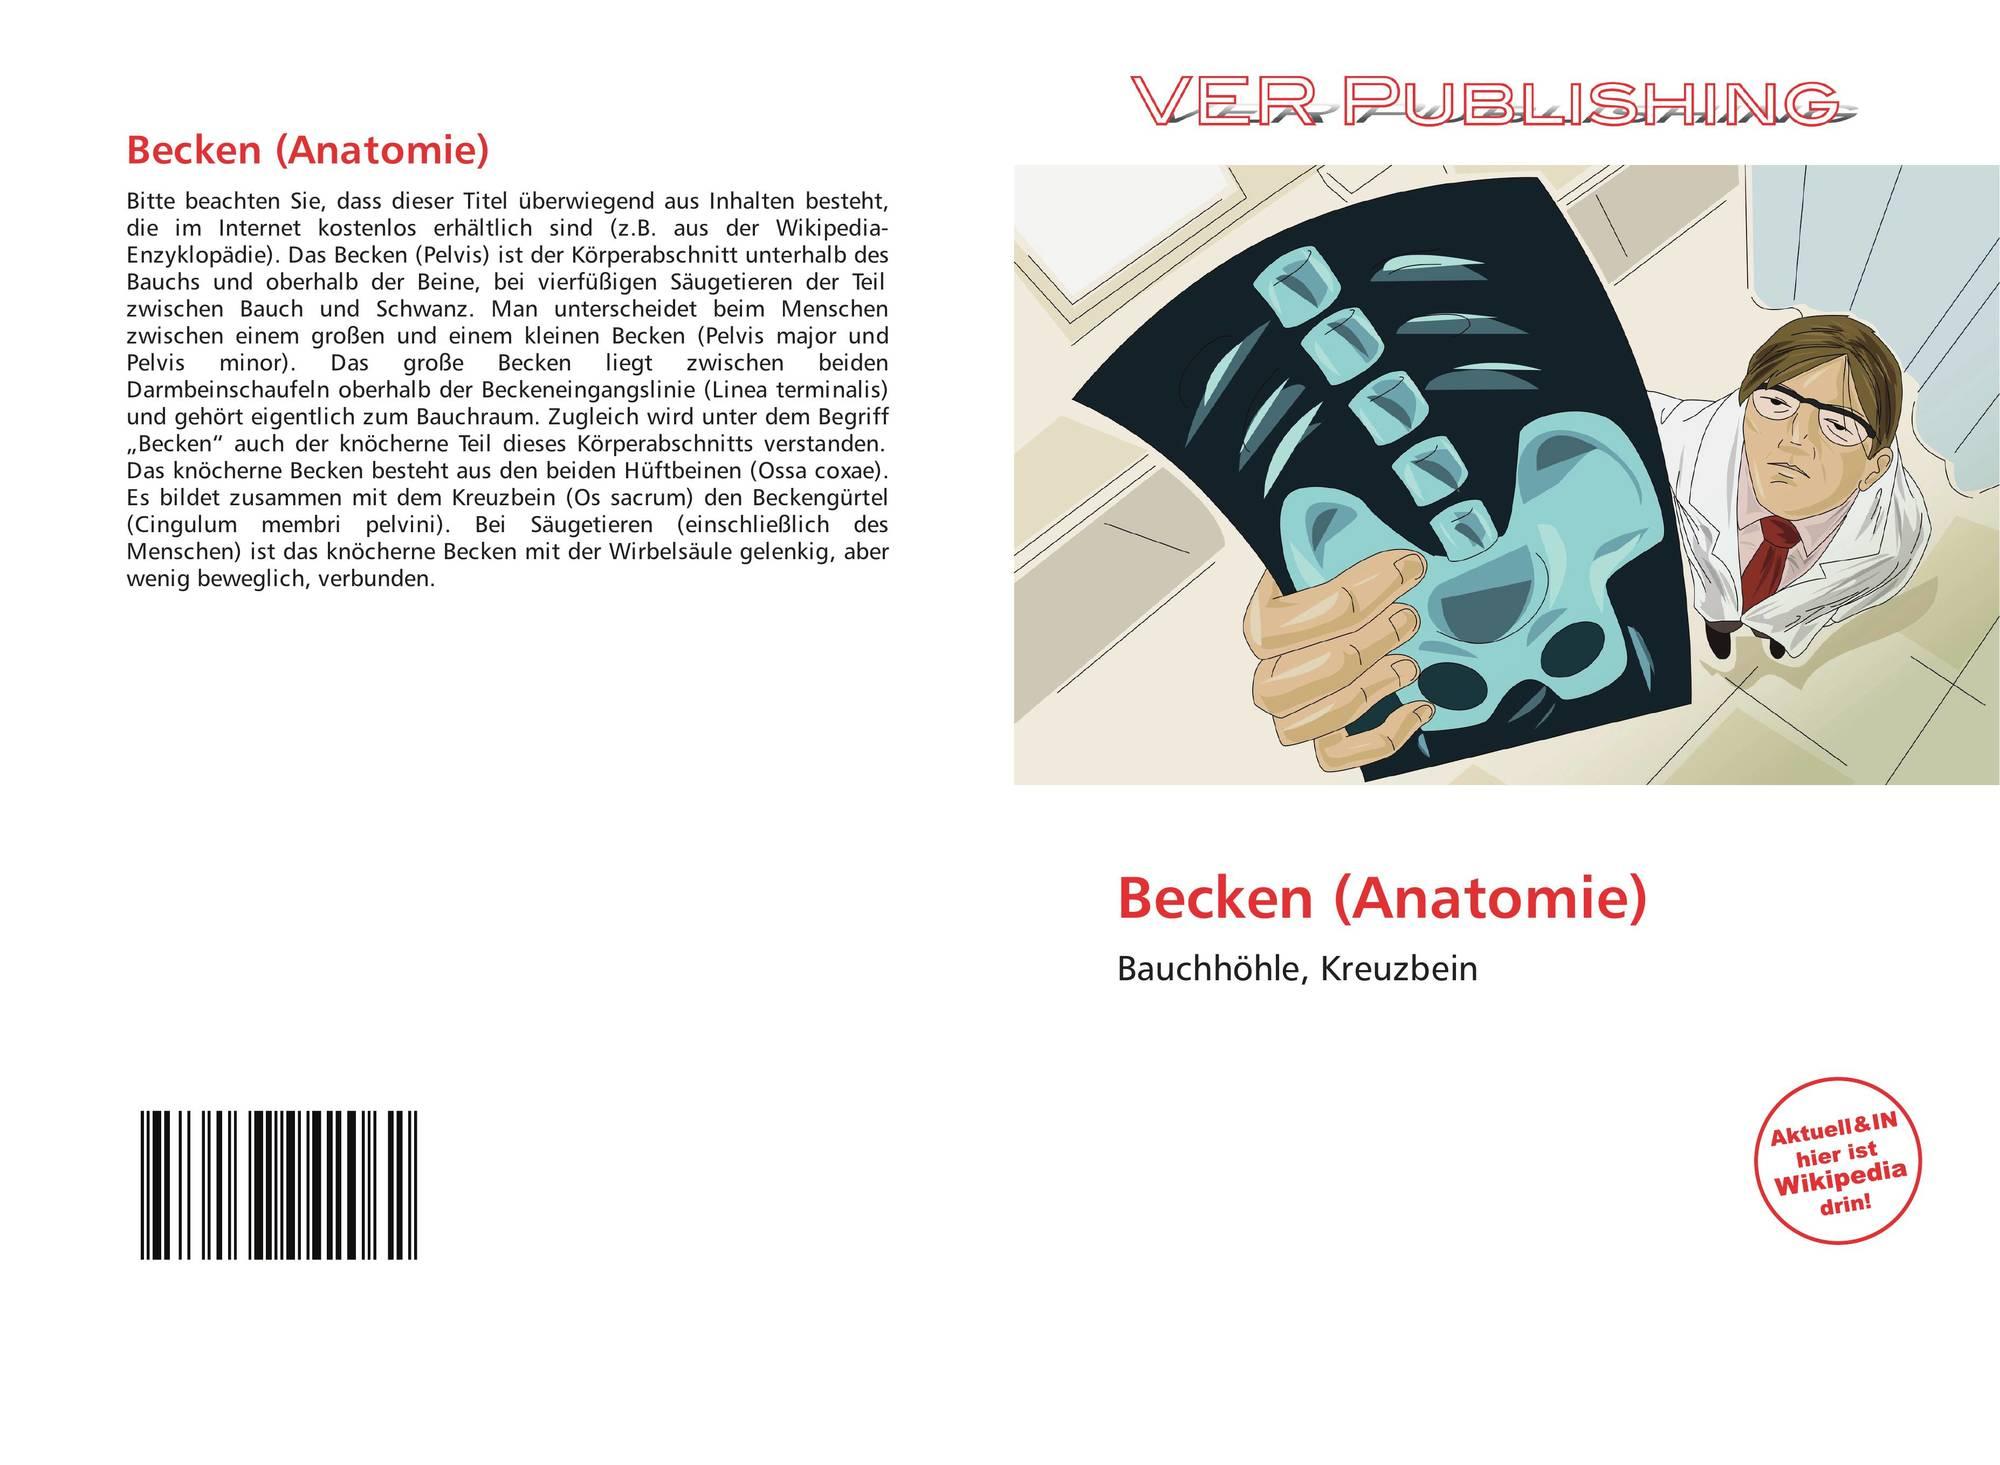 Becken (Anatomie), 978-613-7-94206-2, 6137942066 ,9786137942062